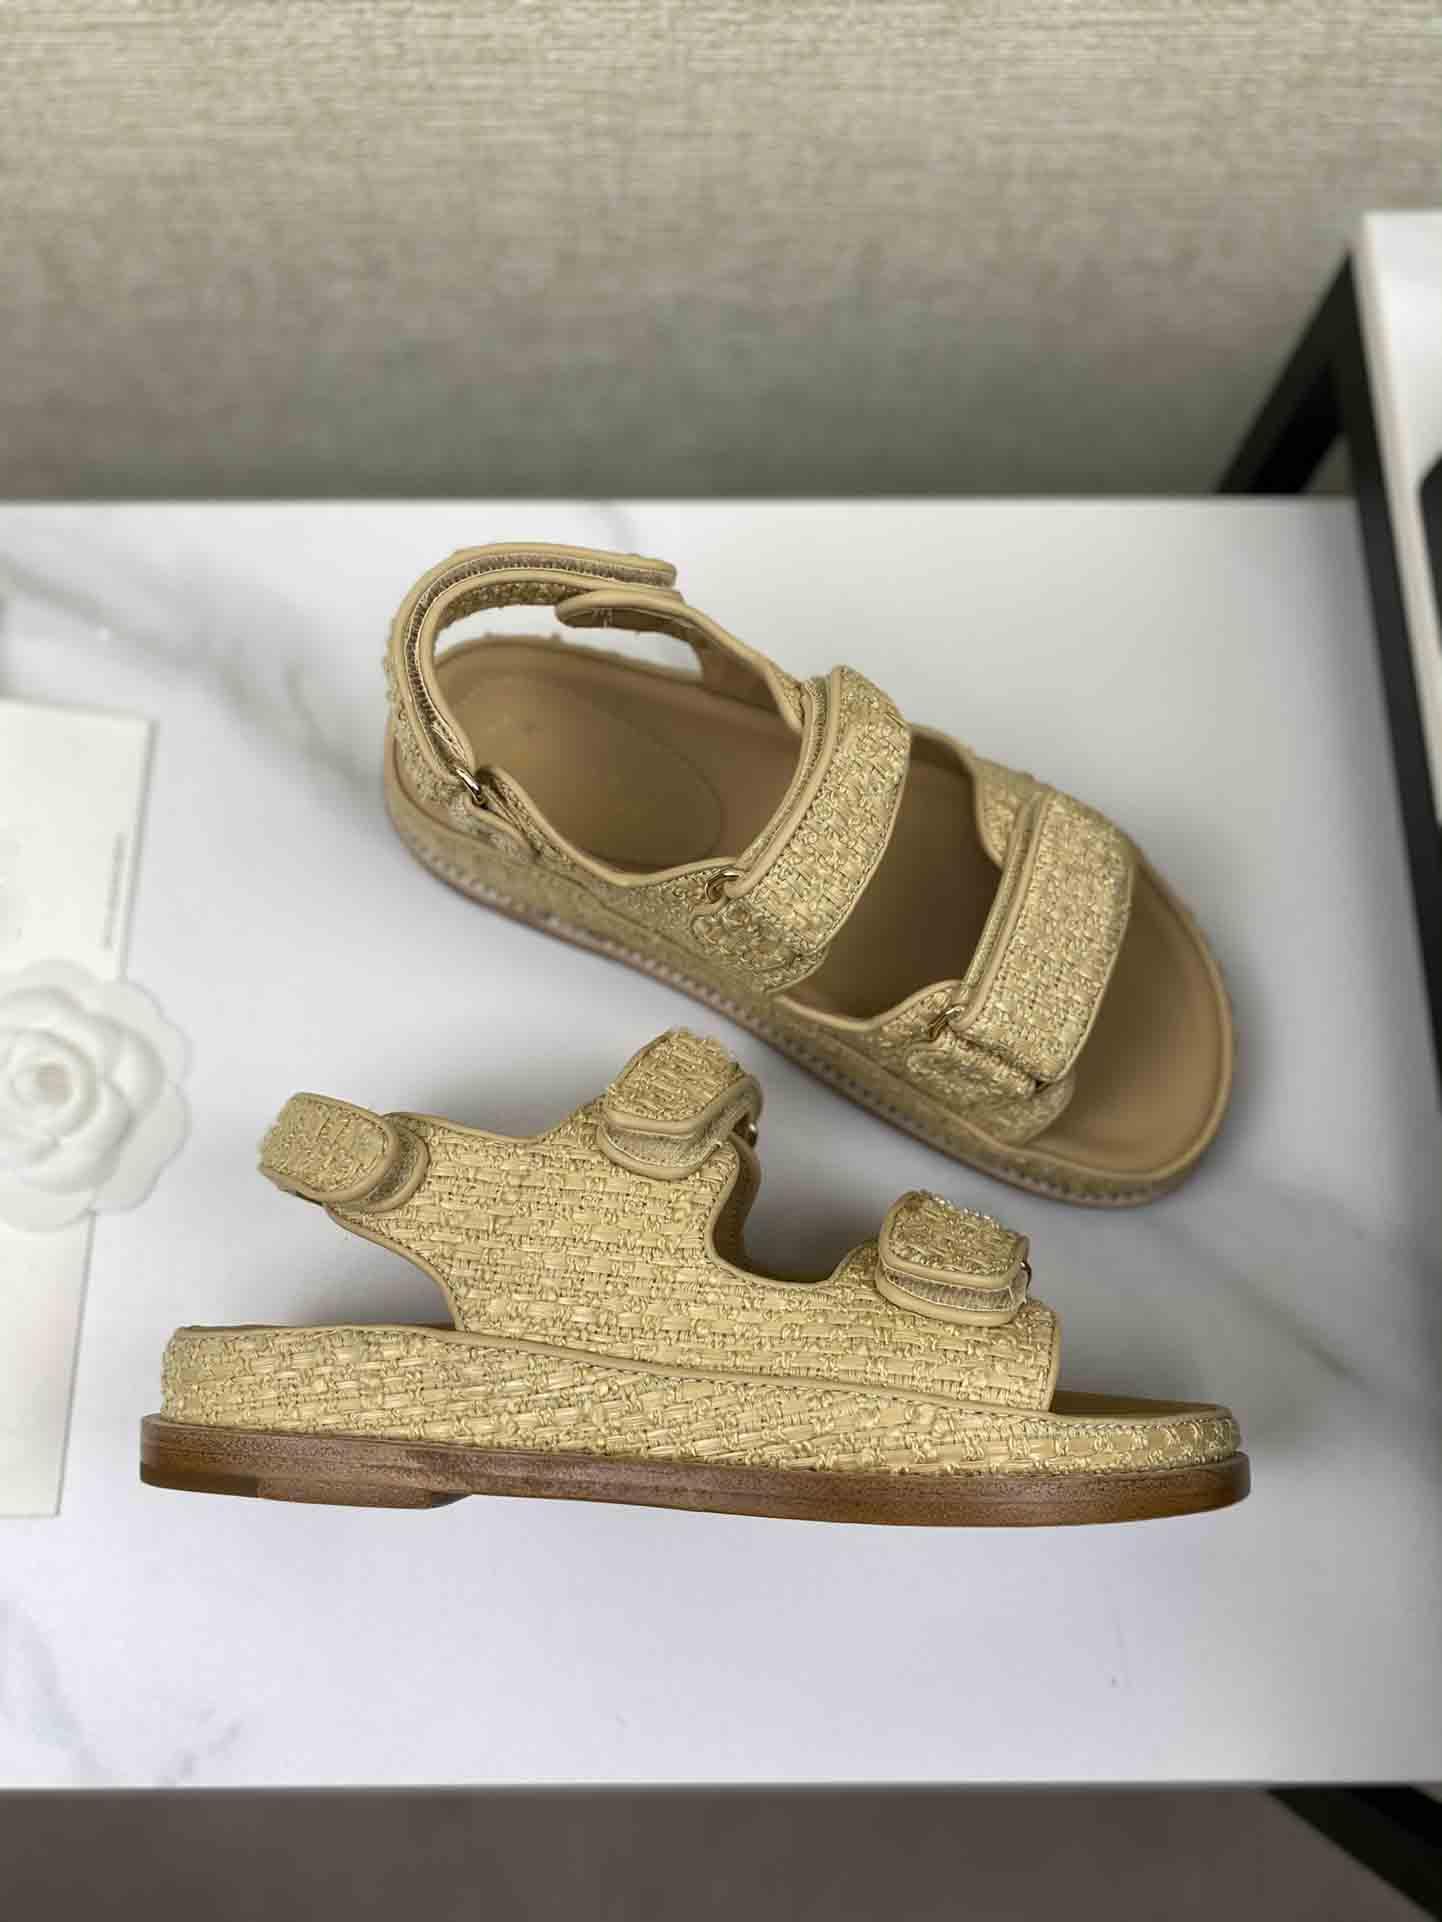 Ankunft Sommer Damen Luxus Designer Sandalen Mode Gute Qualität Echtes Leder Tuch Abdeckung Stickerei Hakenschleife Flat Heeel 35 bis 40 Geflochtene Stoff Beige Produkt